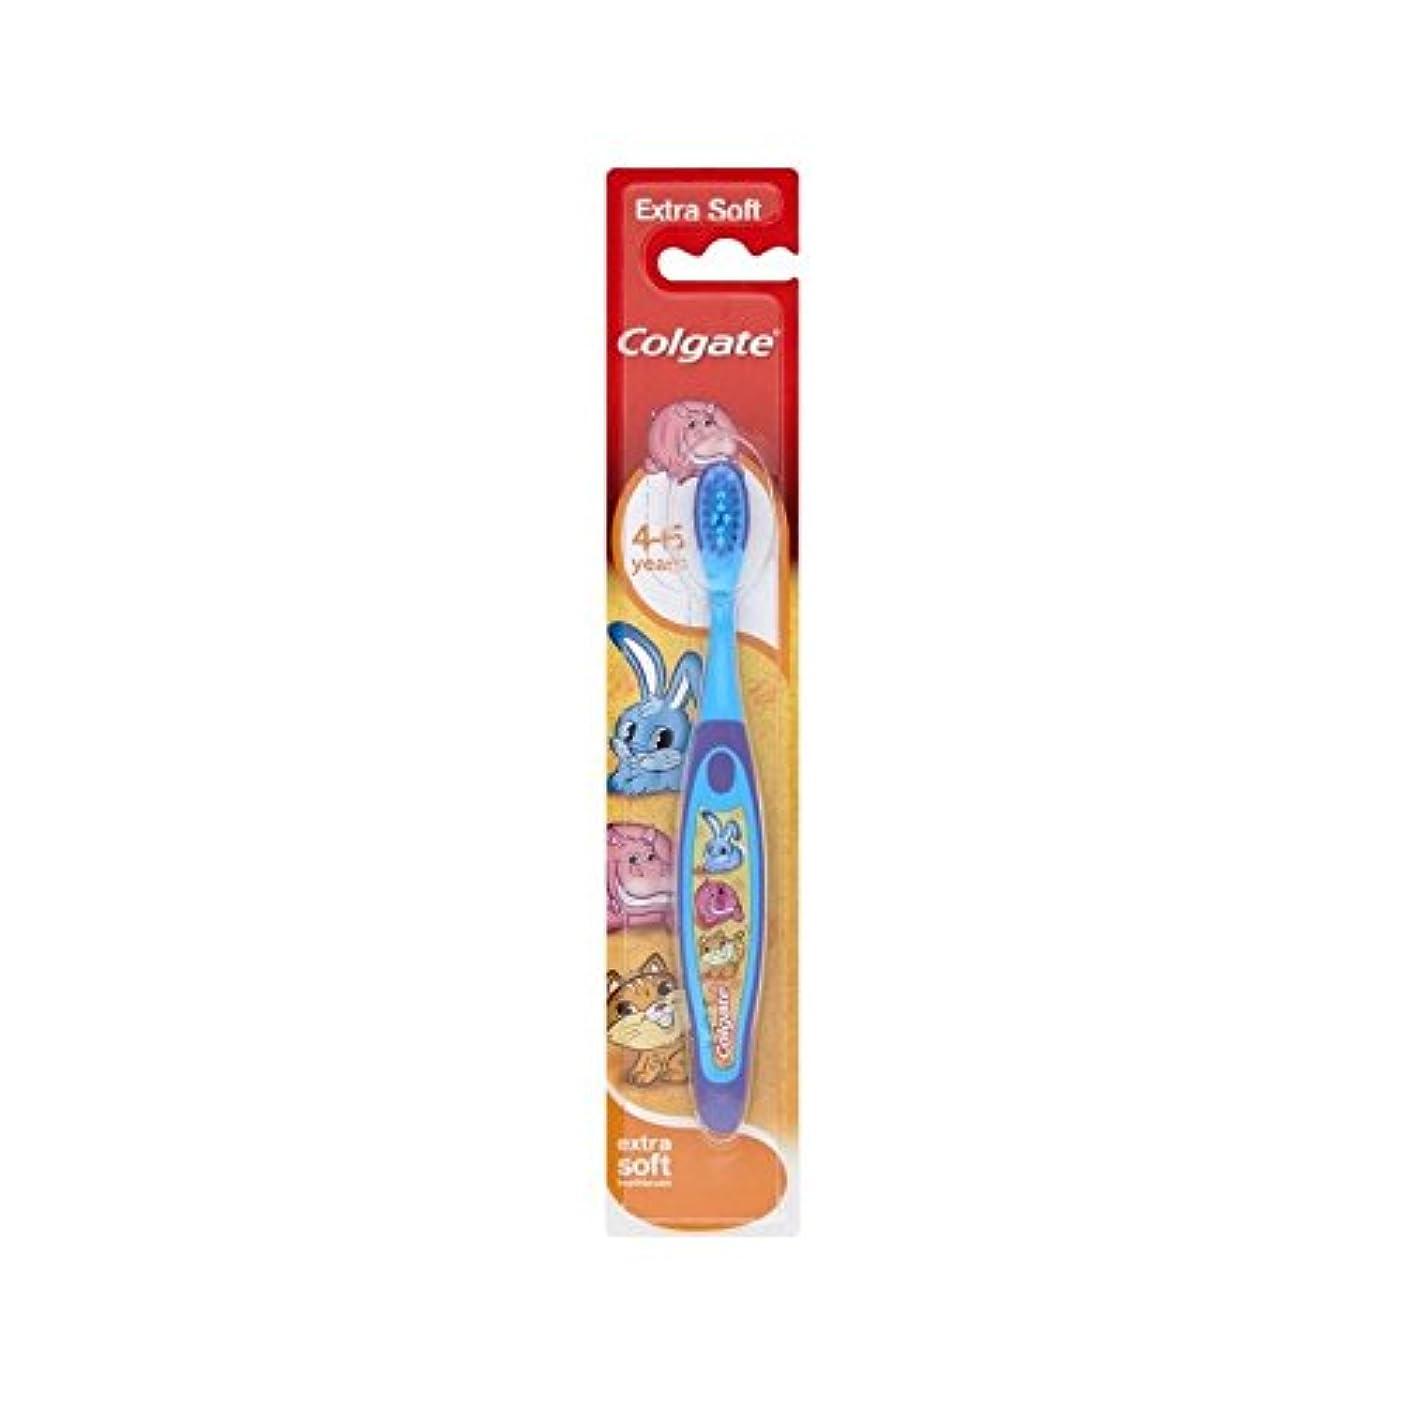 管理する正当化する休暇4-6歳の歯ブラシを笑顔 (Colgate) (x 2) - Colgate Smiles 4-6 Years Old Toothbrush (Pack of 2) [並行輸入品]